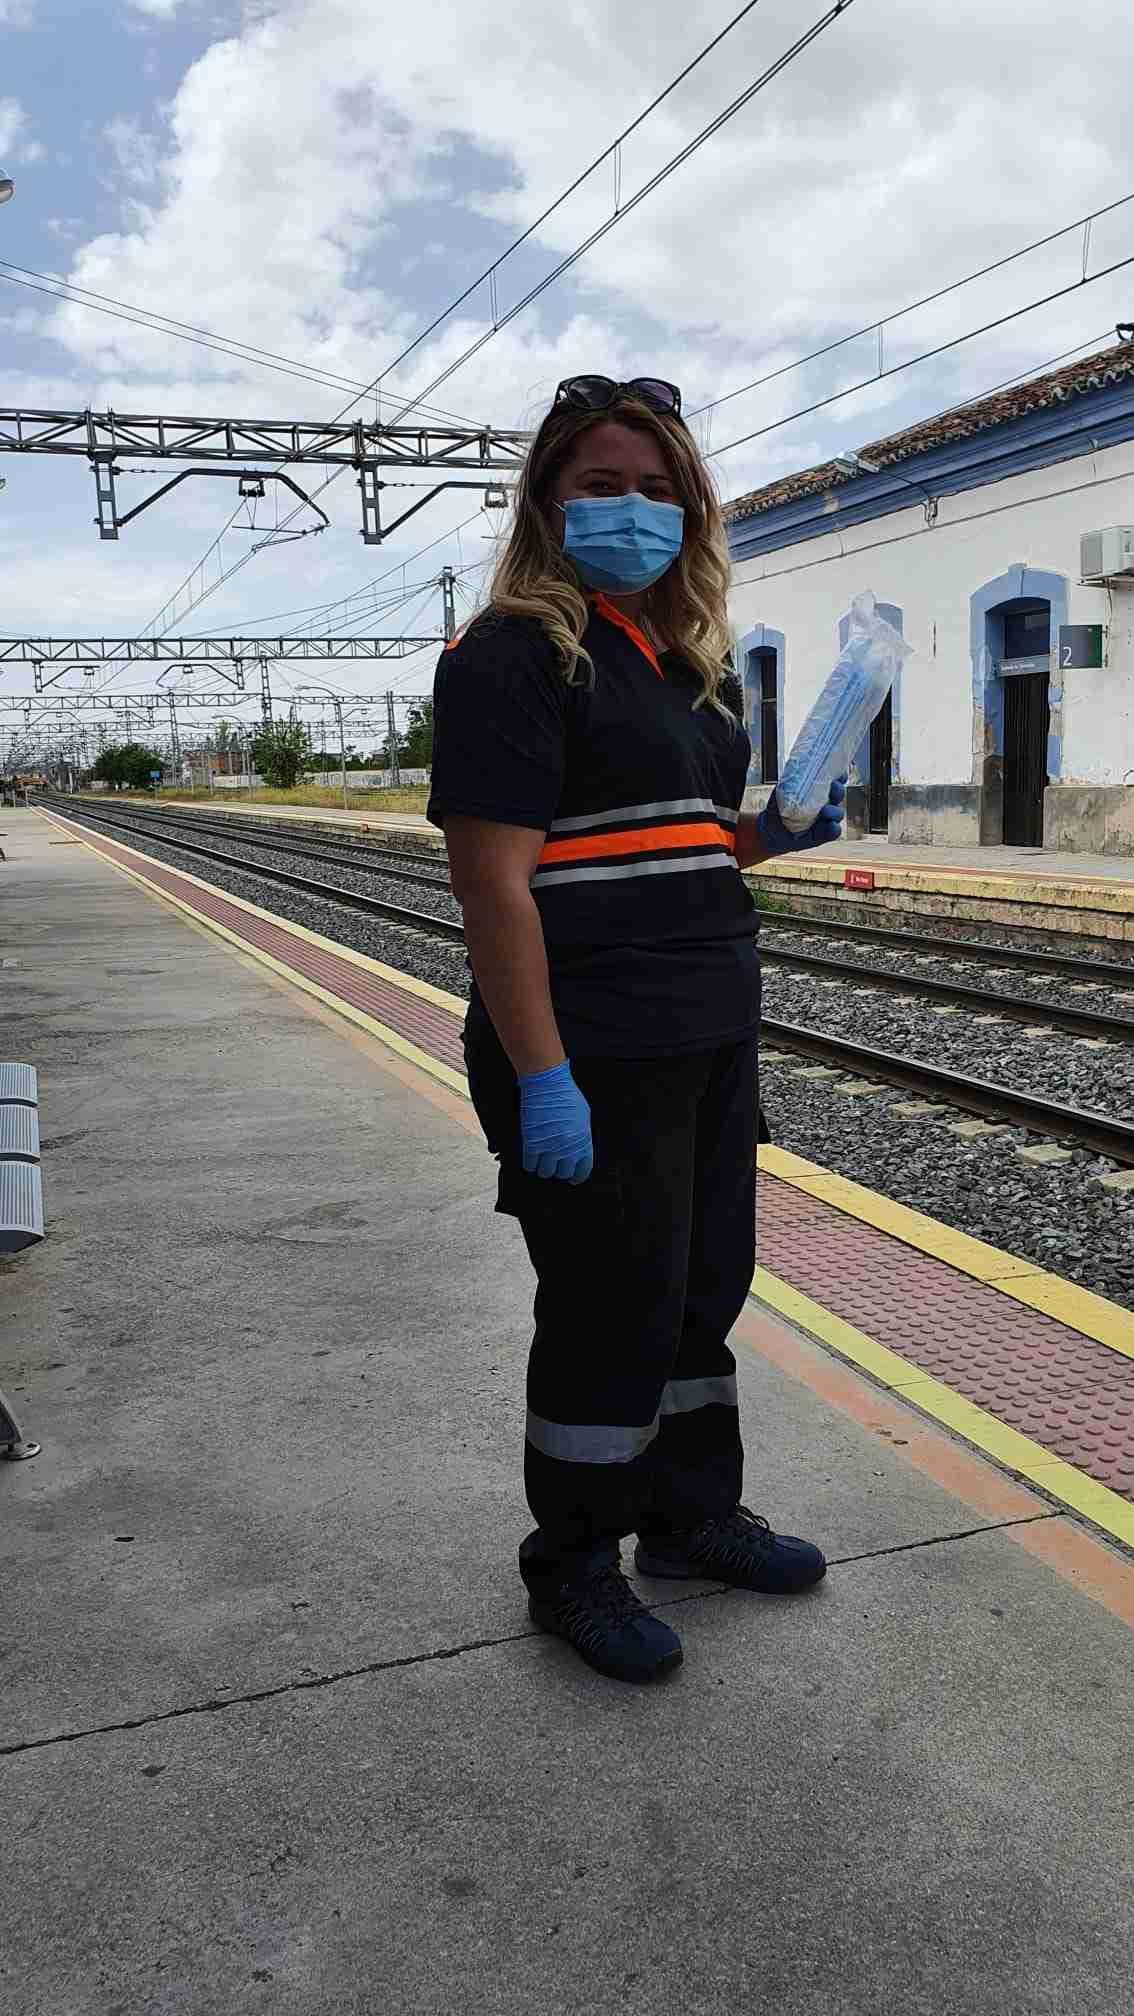 Policía Local y Protección Civil reparten mascarillas en transporte de la provincia de Ciudad Real 1